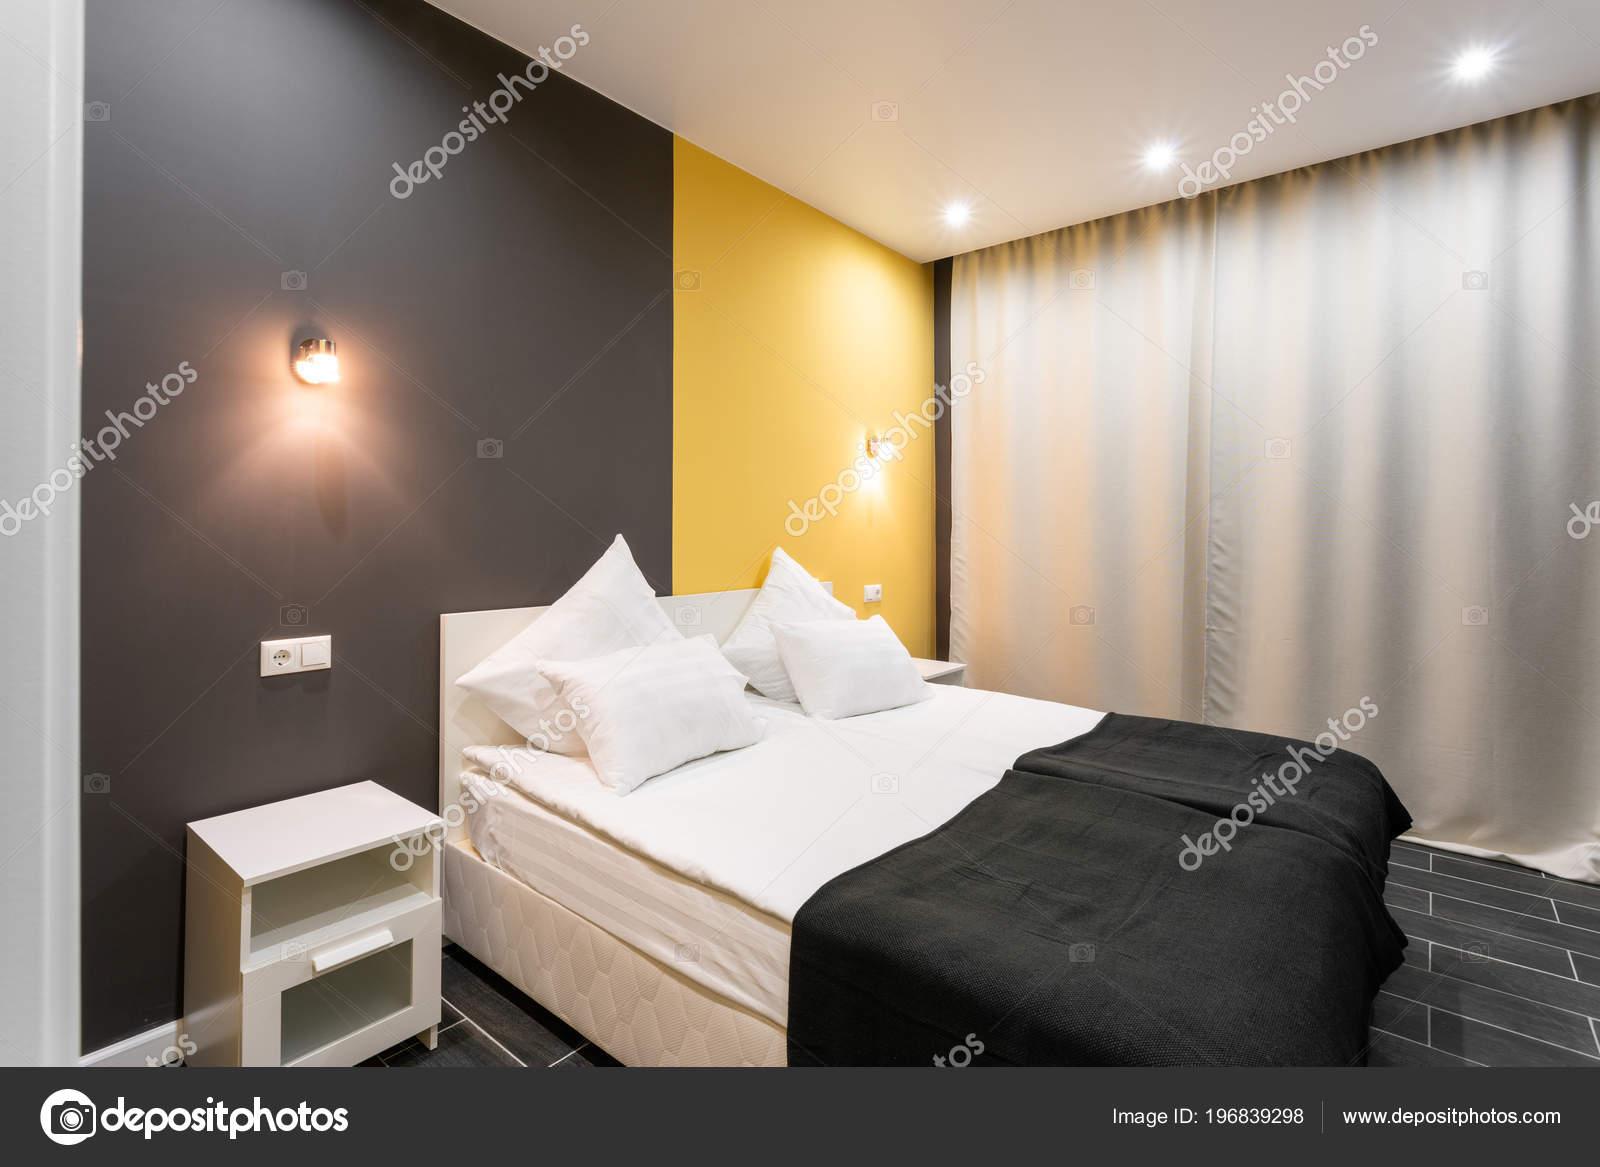 Camera standard di Hotel. camera da letto moderna con ...